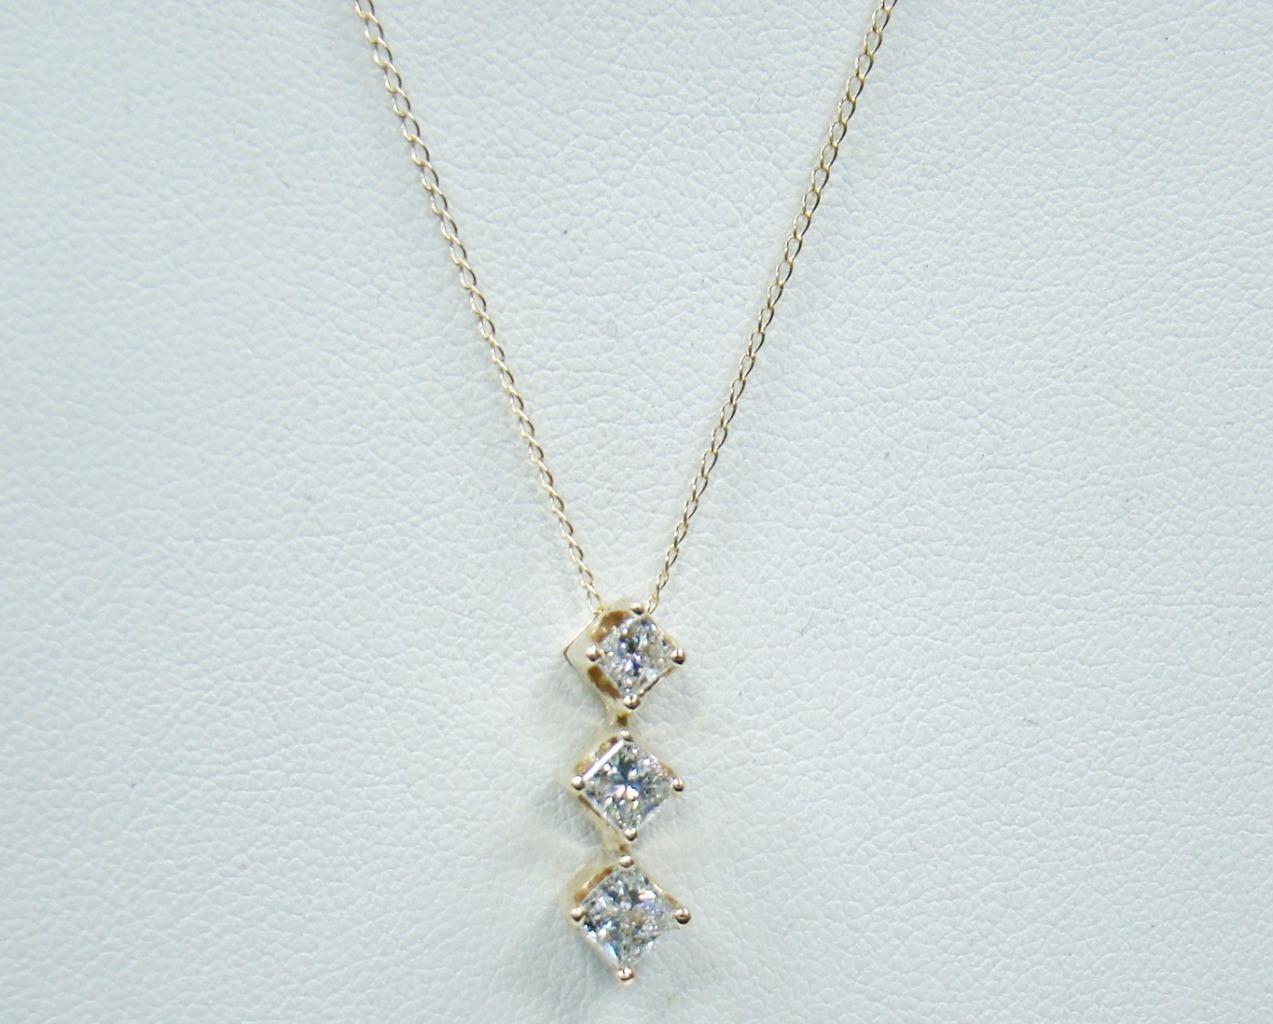 Zales Gold Diamond Necklace